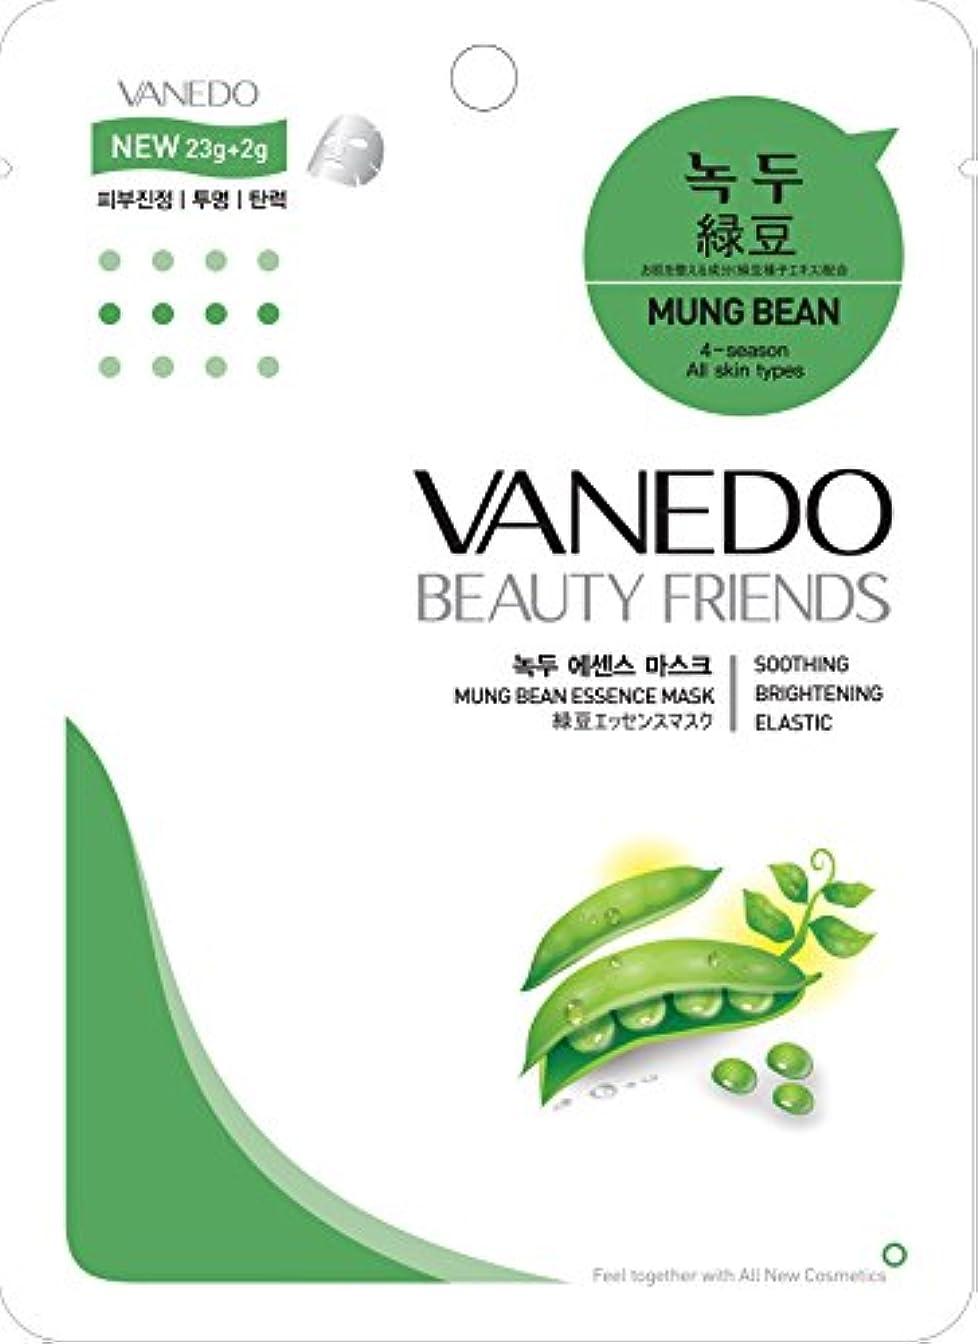 タックル喉頭物語【VANEDO】バネド シートマスク 緑豆 10枚セット/エッセンス/保湿/フェイスマスク/フェイスパック/マスクパック/韓国コスメ [メール便]